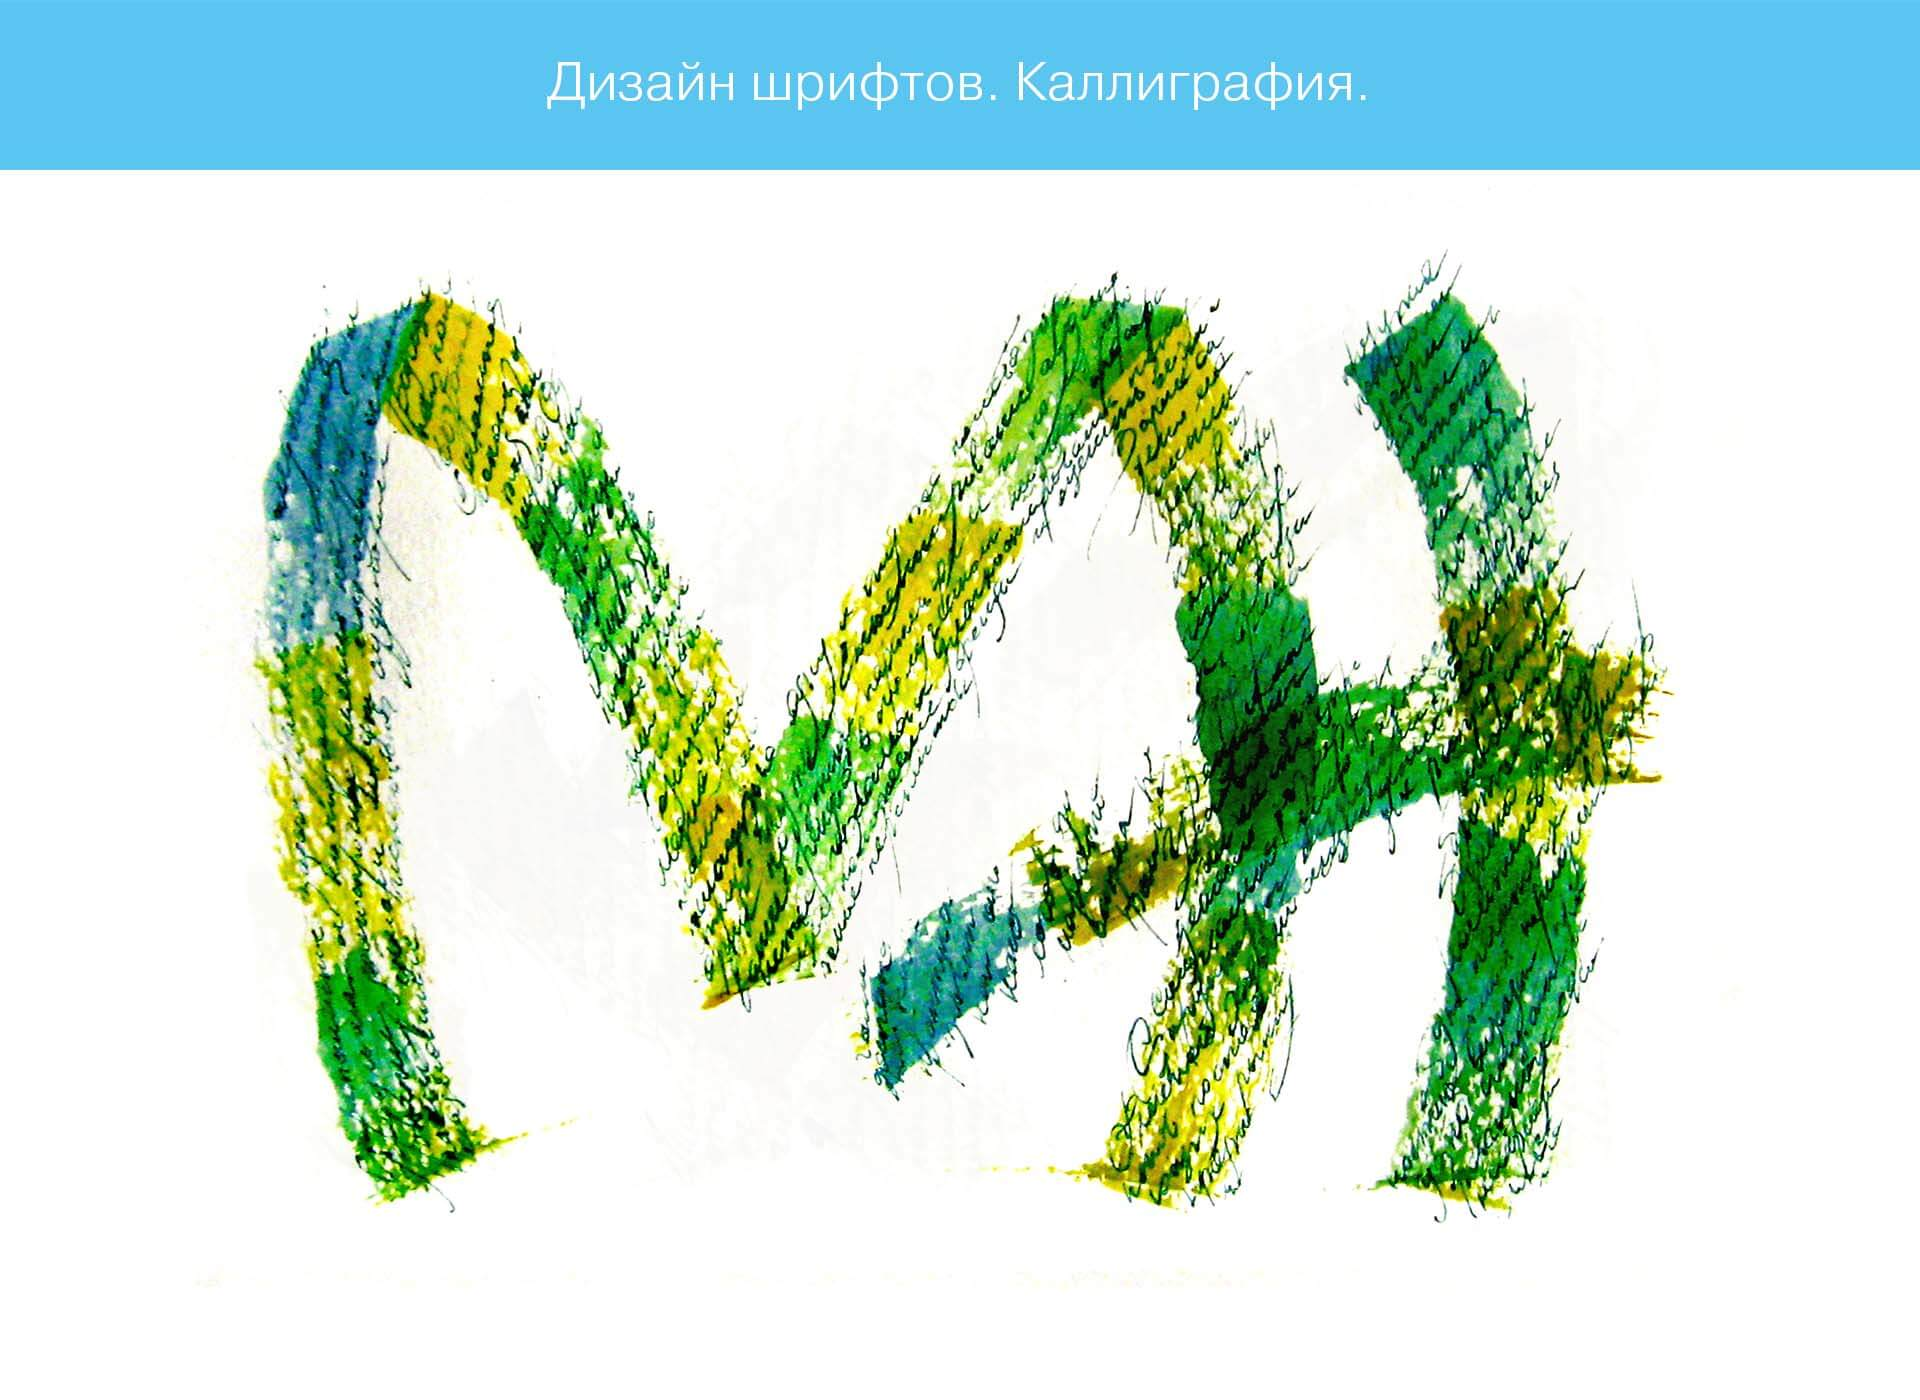 Prokochuk_Irina_font design_calligraphy_4